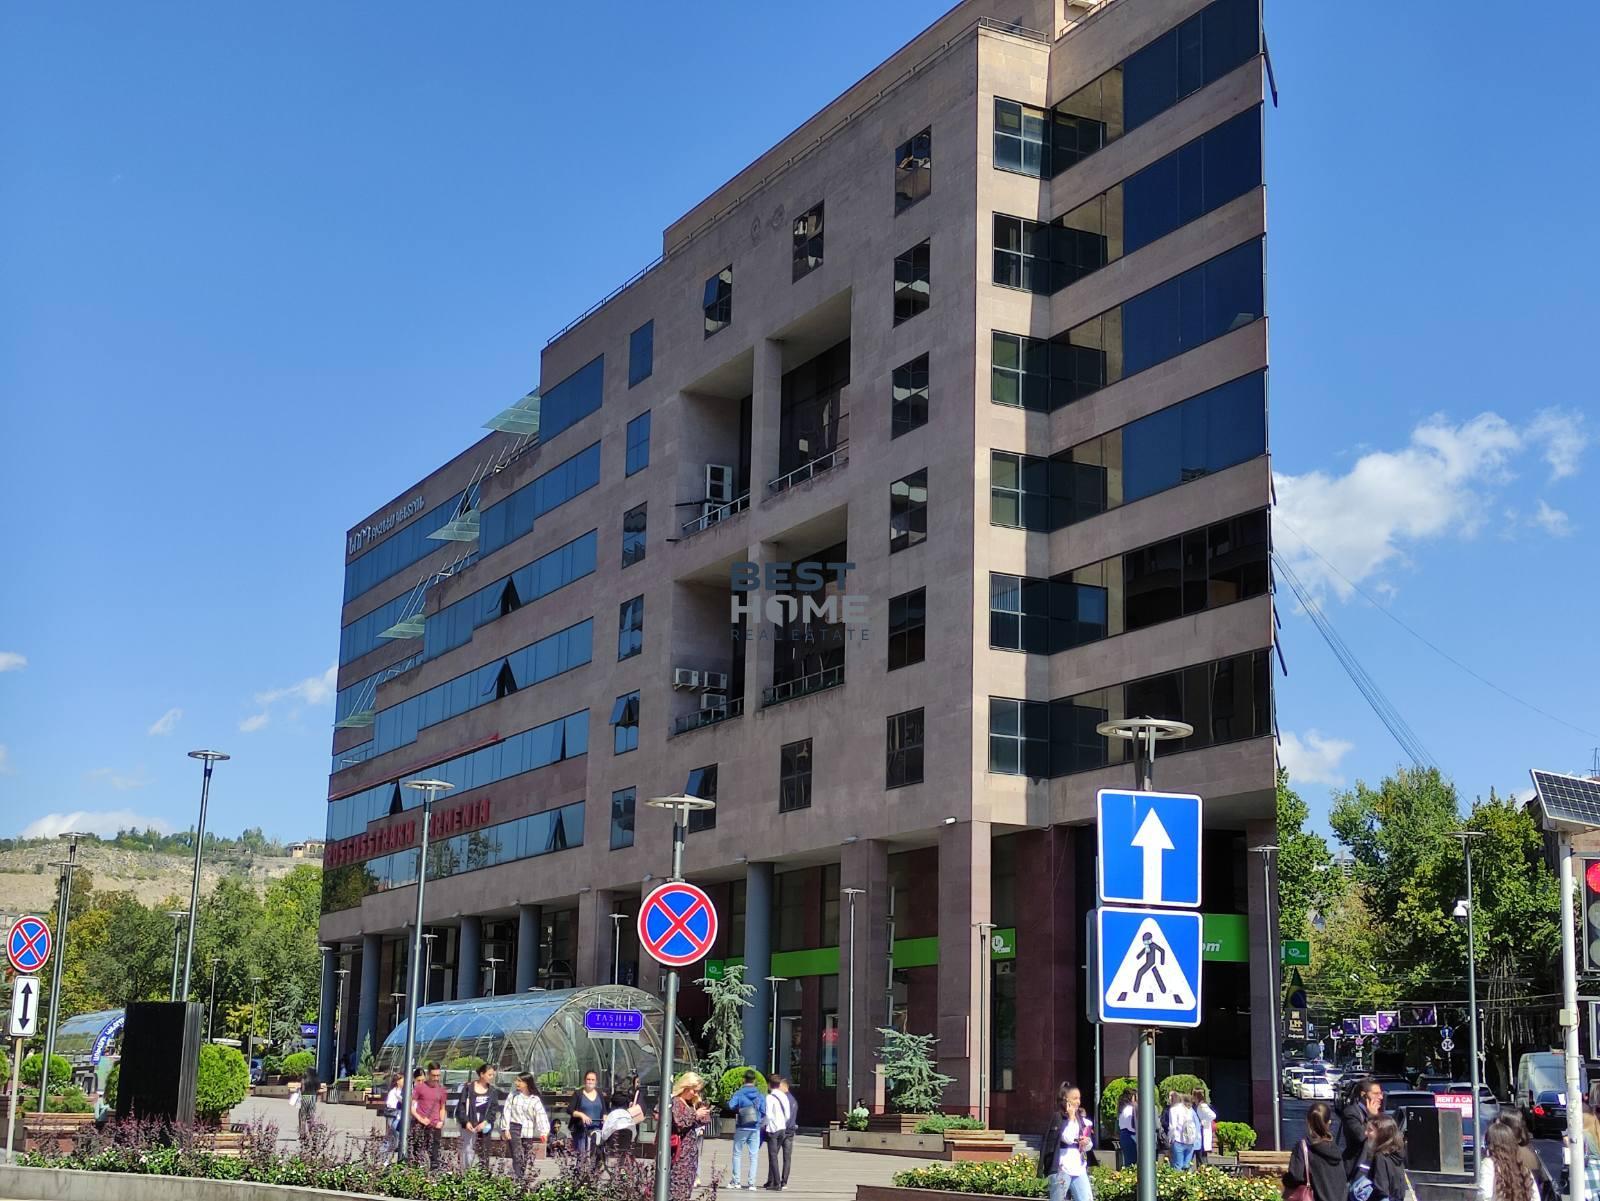 Купить дом или квартиру в Ереване, почему, для чего нужно мнение специалиста? Как избежать ошибок при оформлении документов? Продажа и аренда.